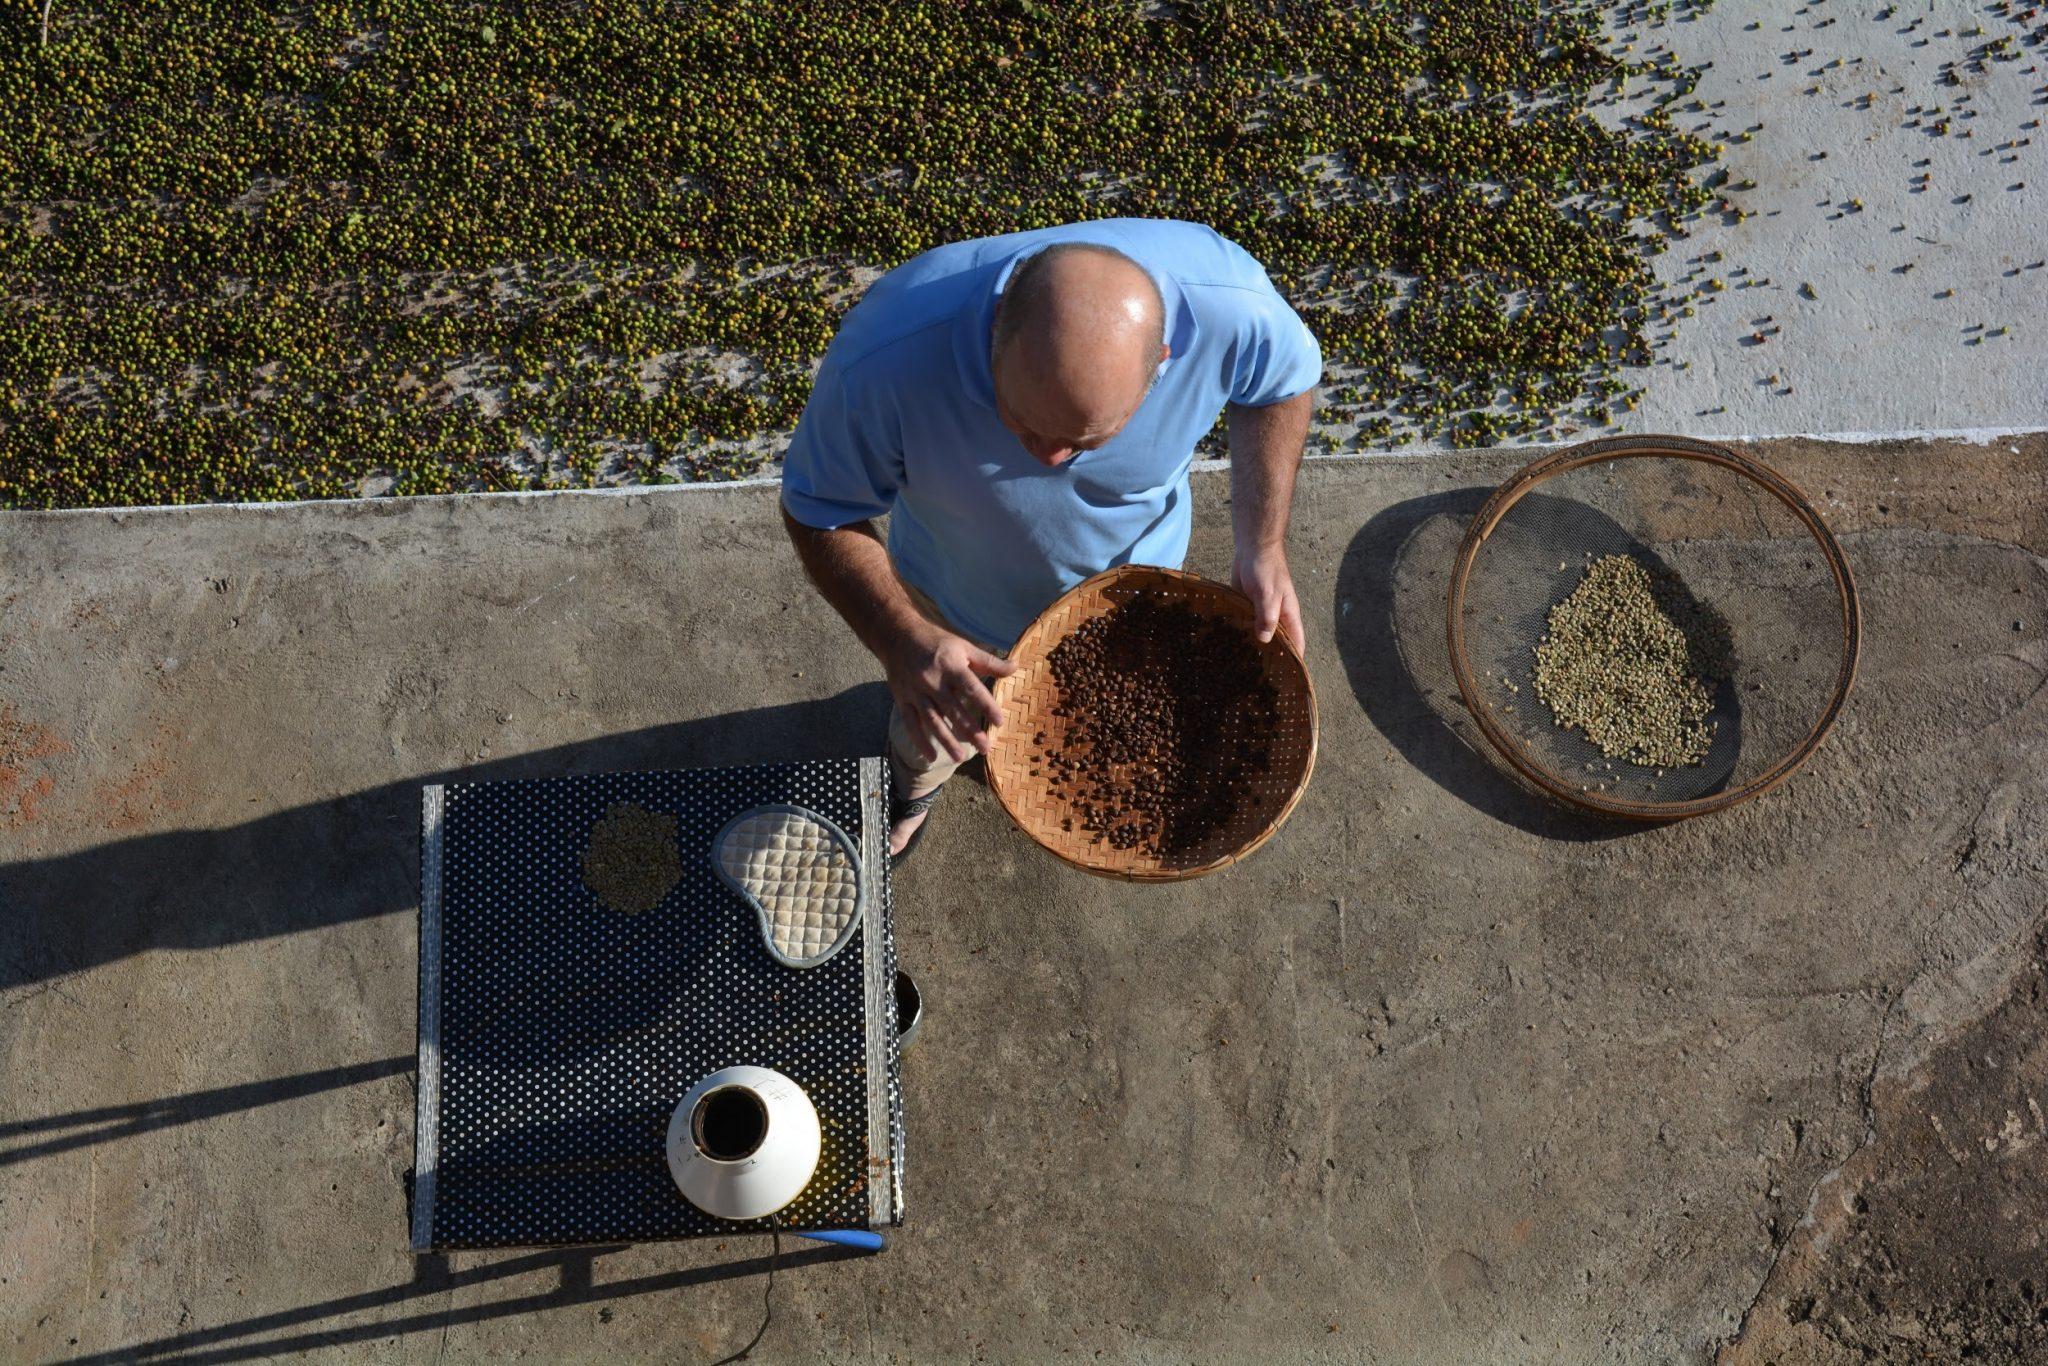 productor tostando cafe en su finca